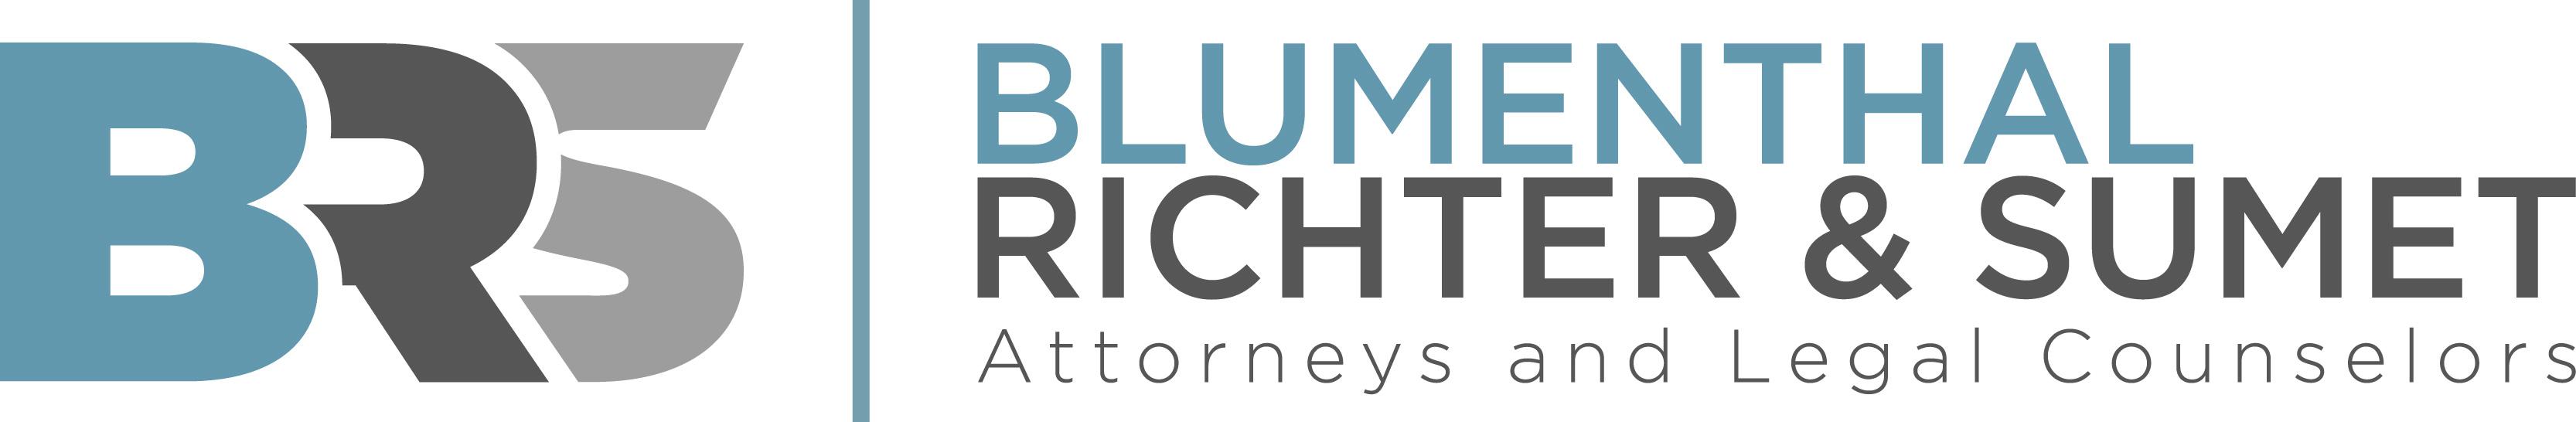 Blumenthal Richter & Sumet